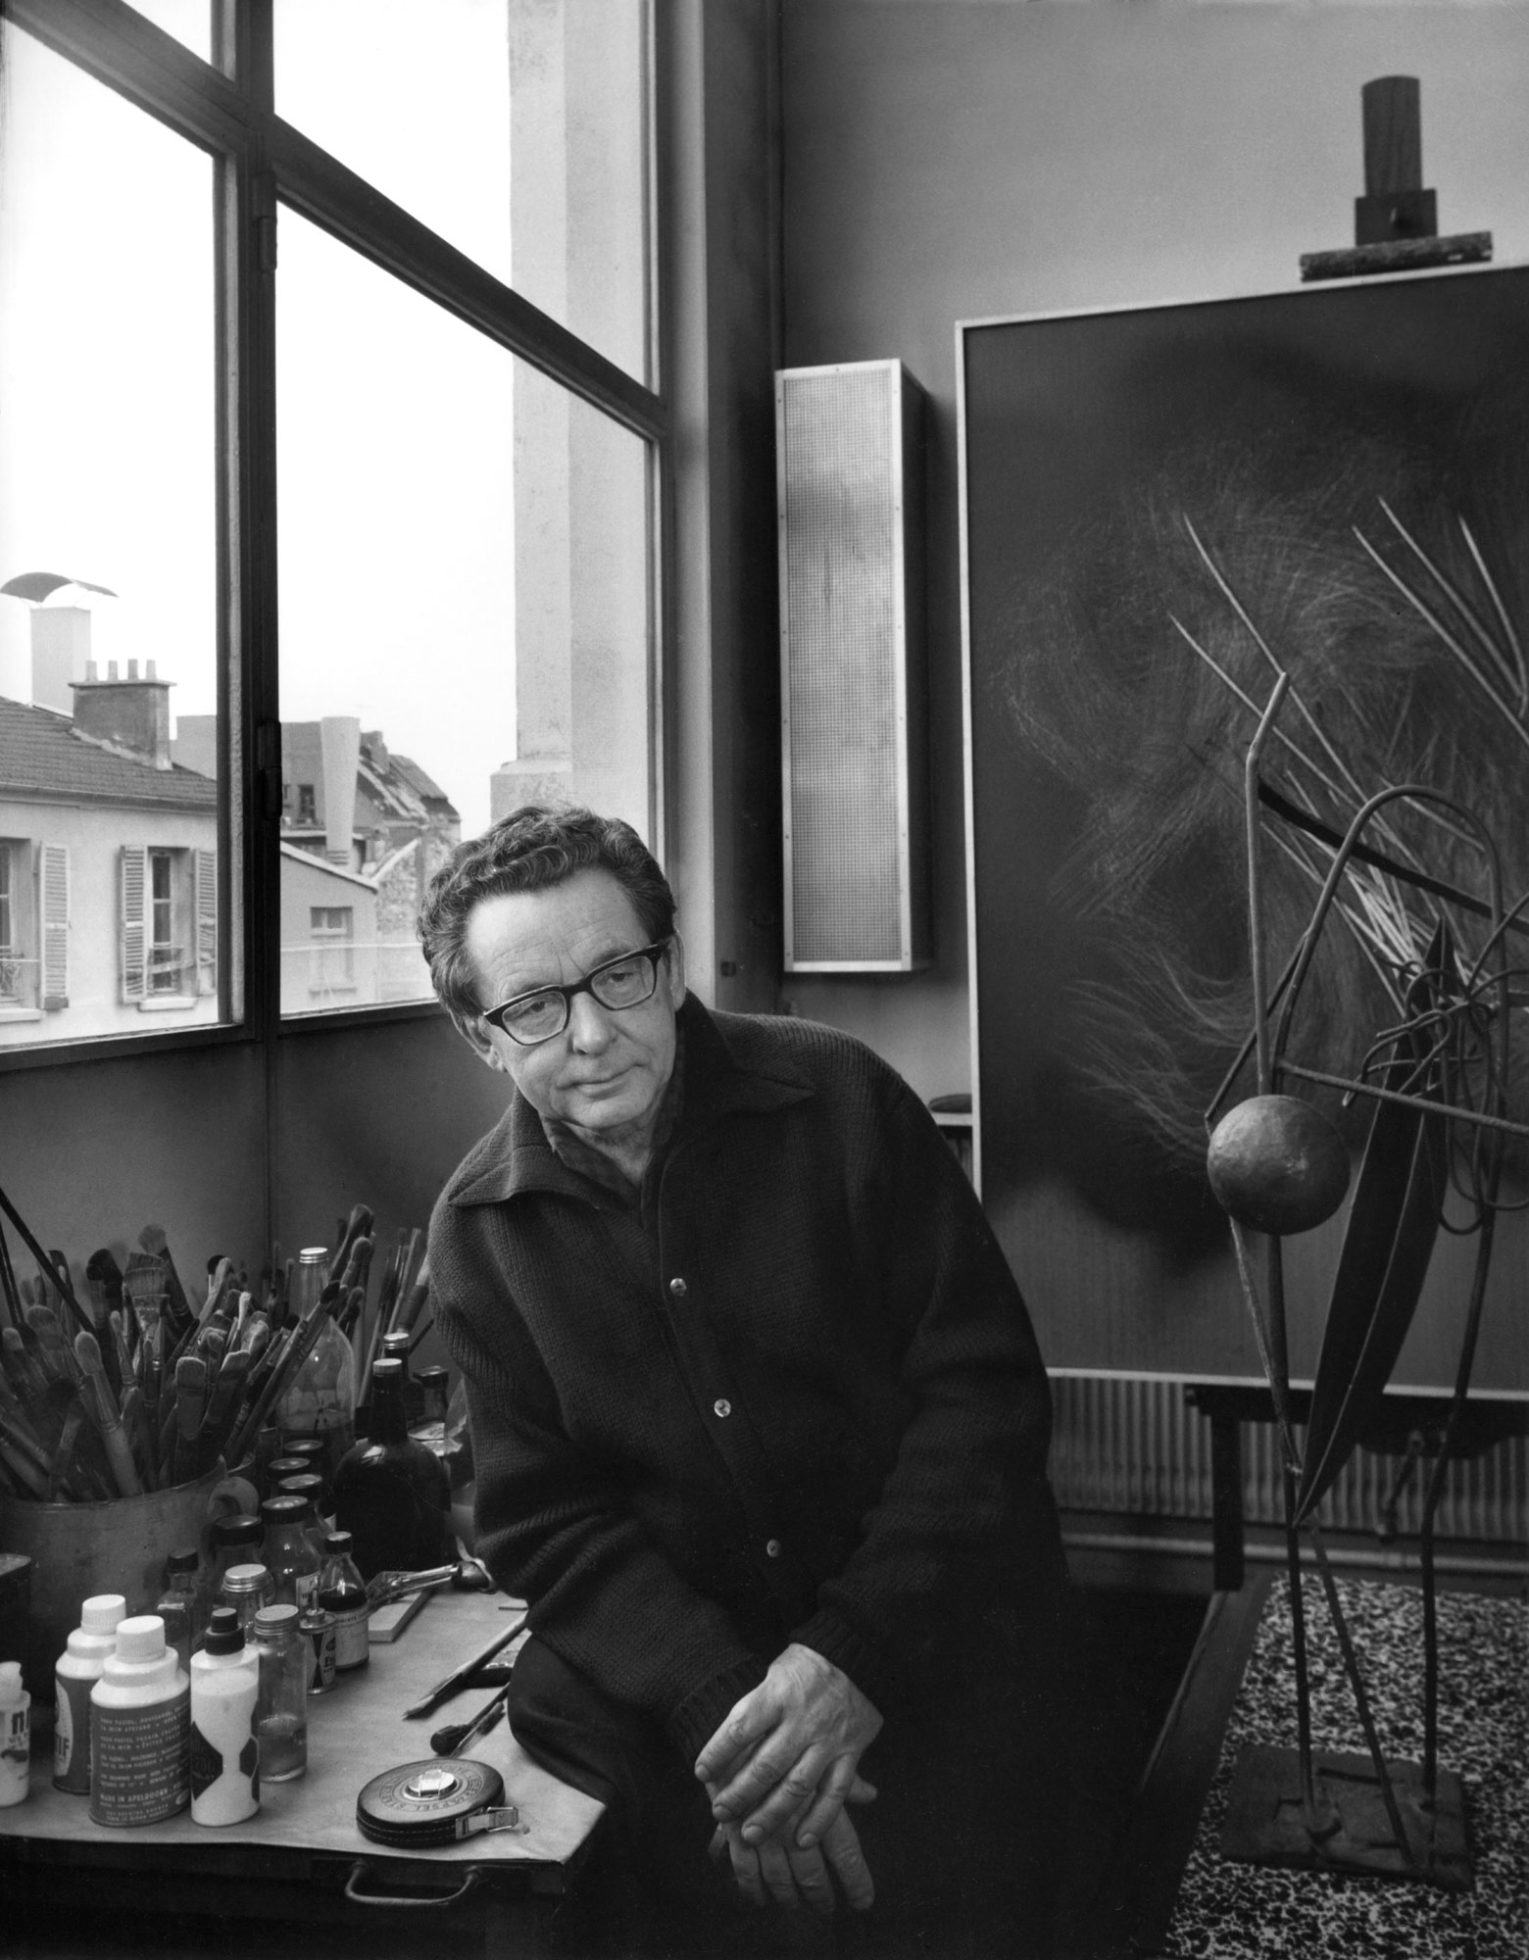 hans hartung - portrait atelier 1965